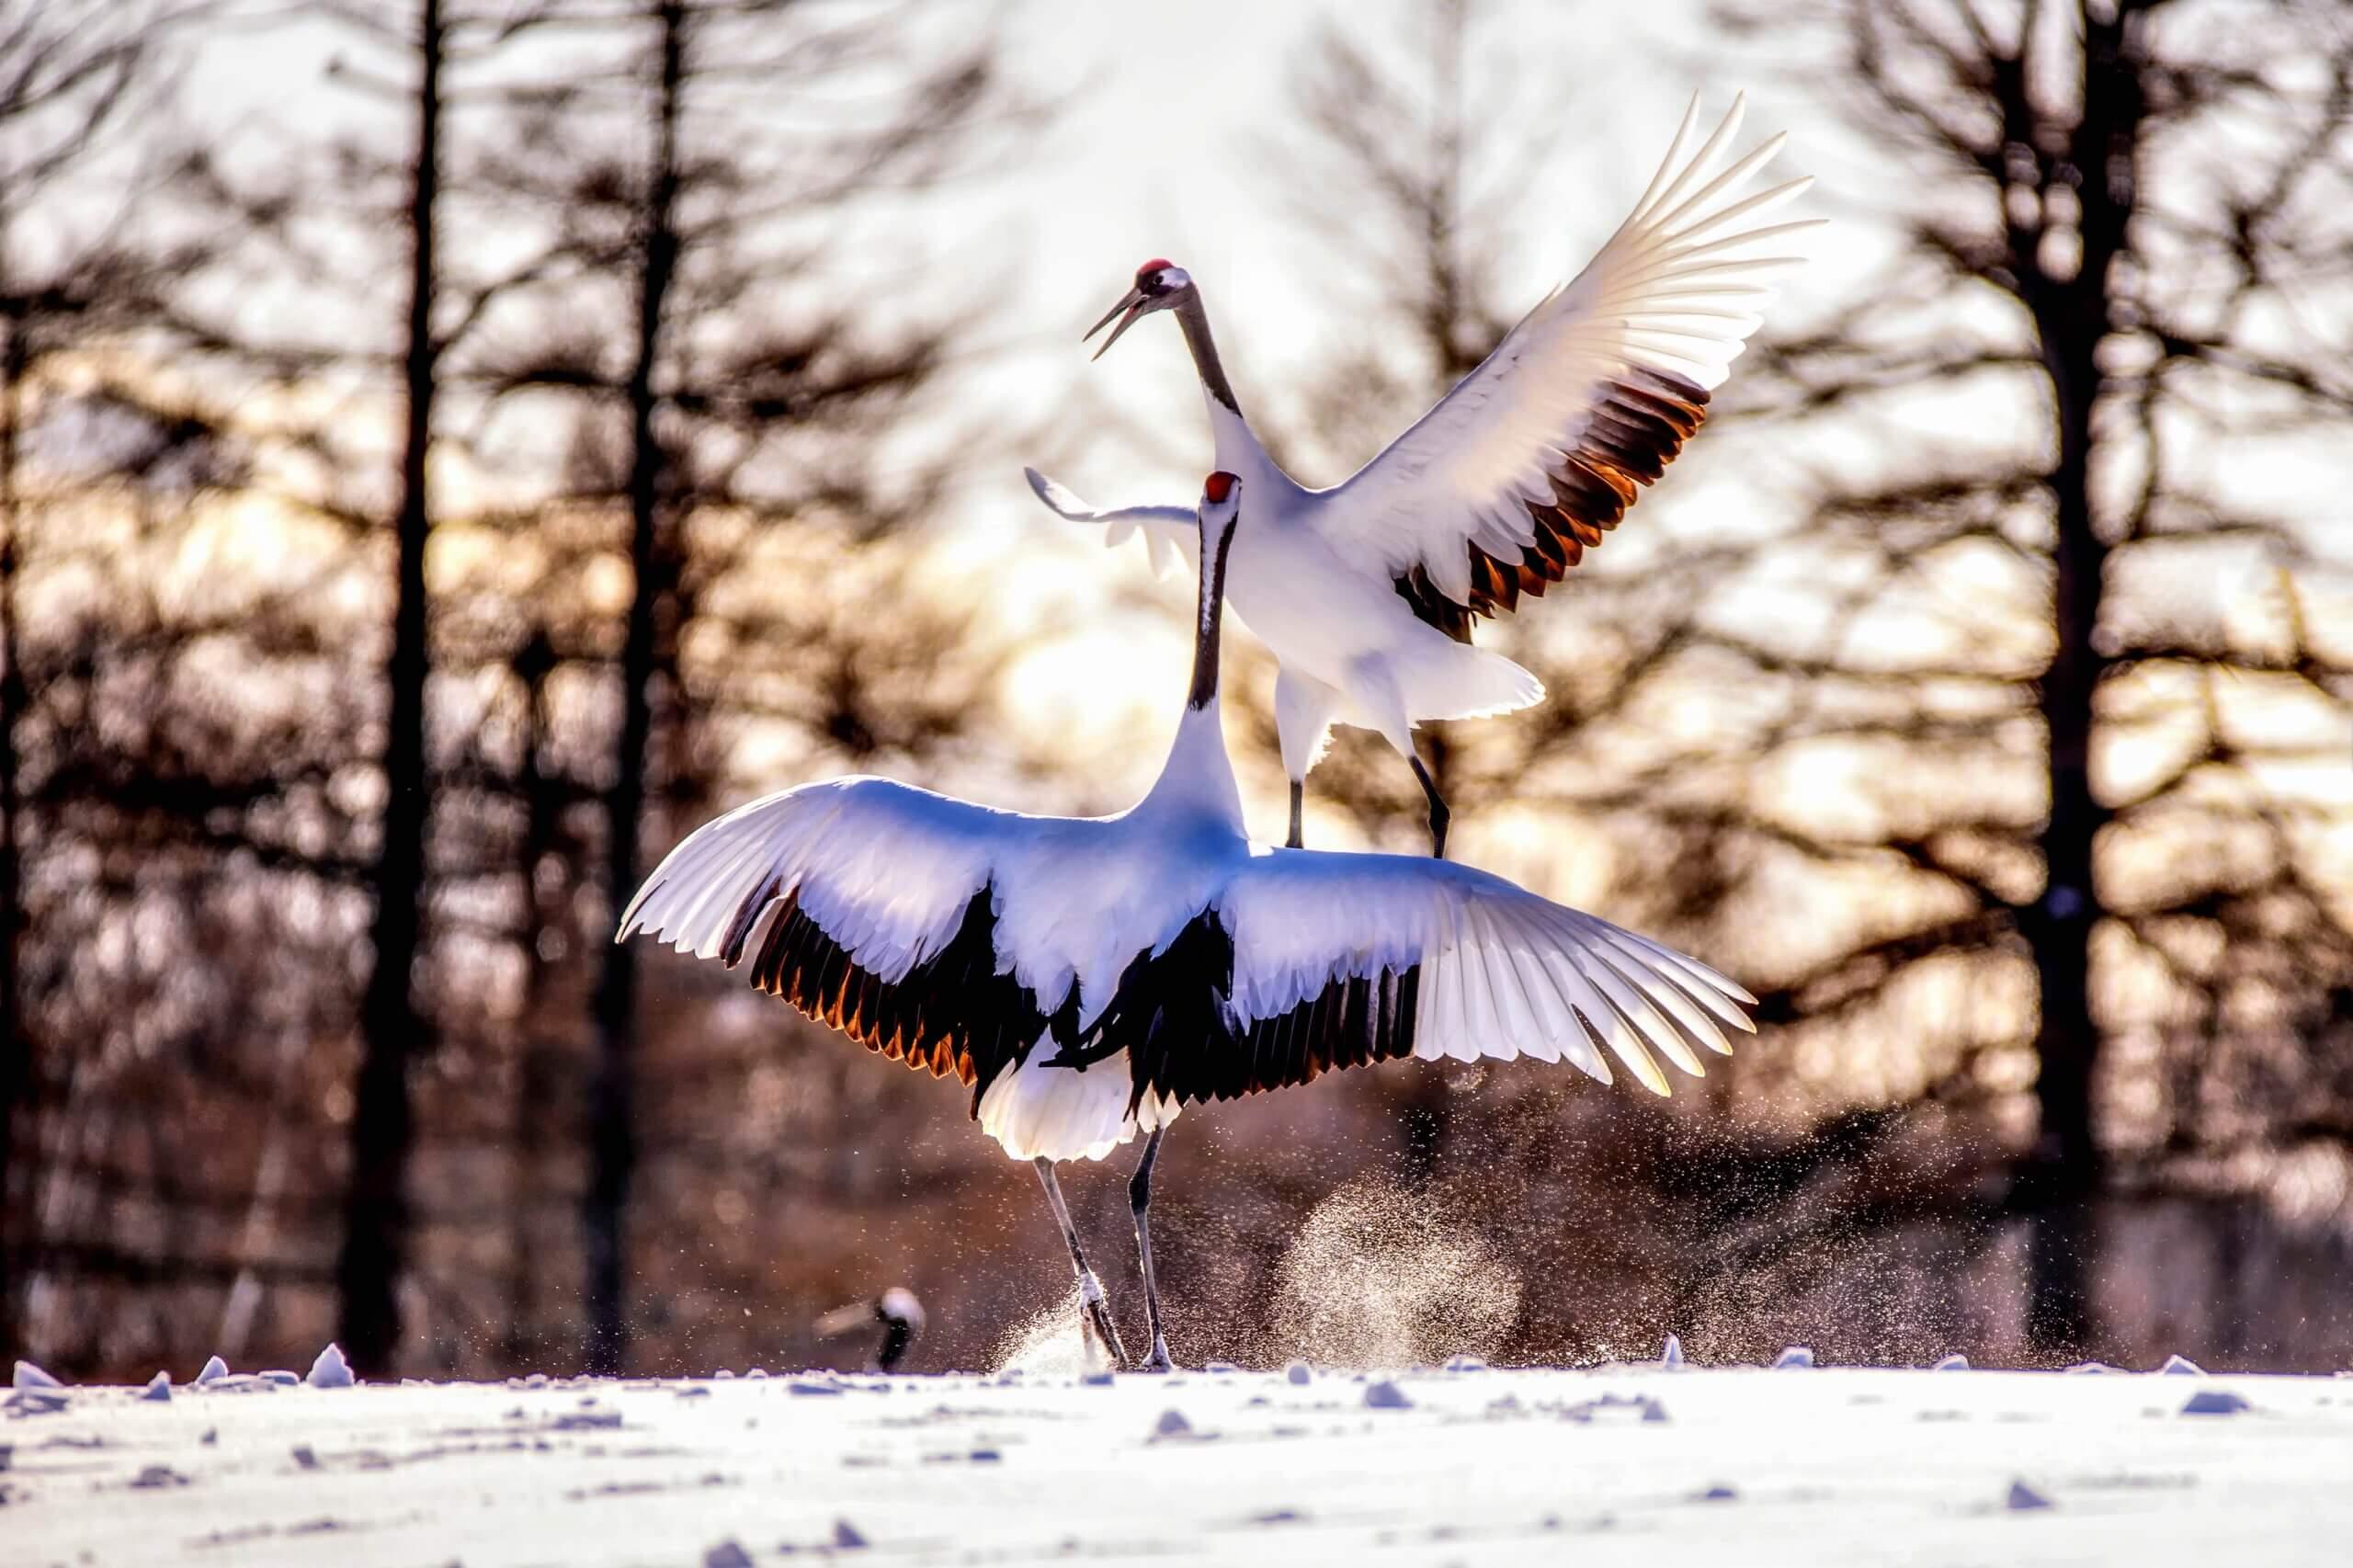 北海道最大的丹頂鶴避冬地「鶴居・伊藤丹頂鶴自然保護區」